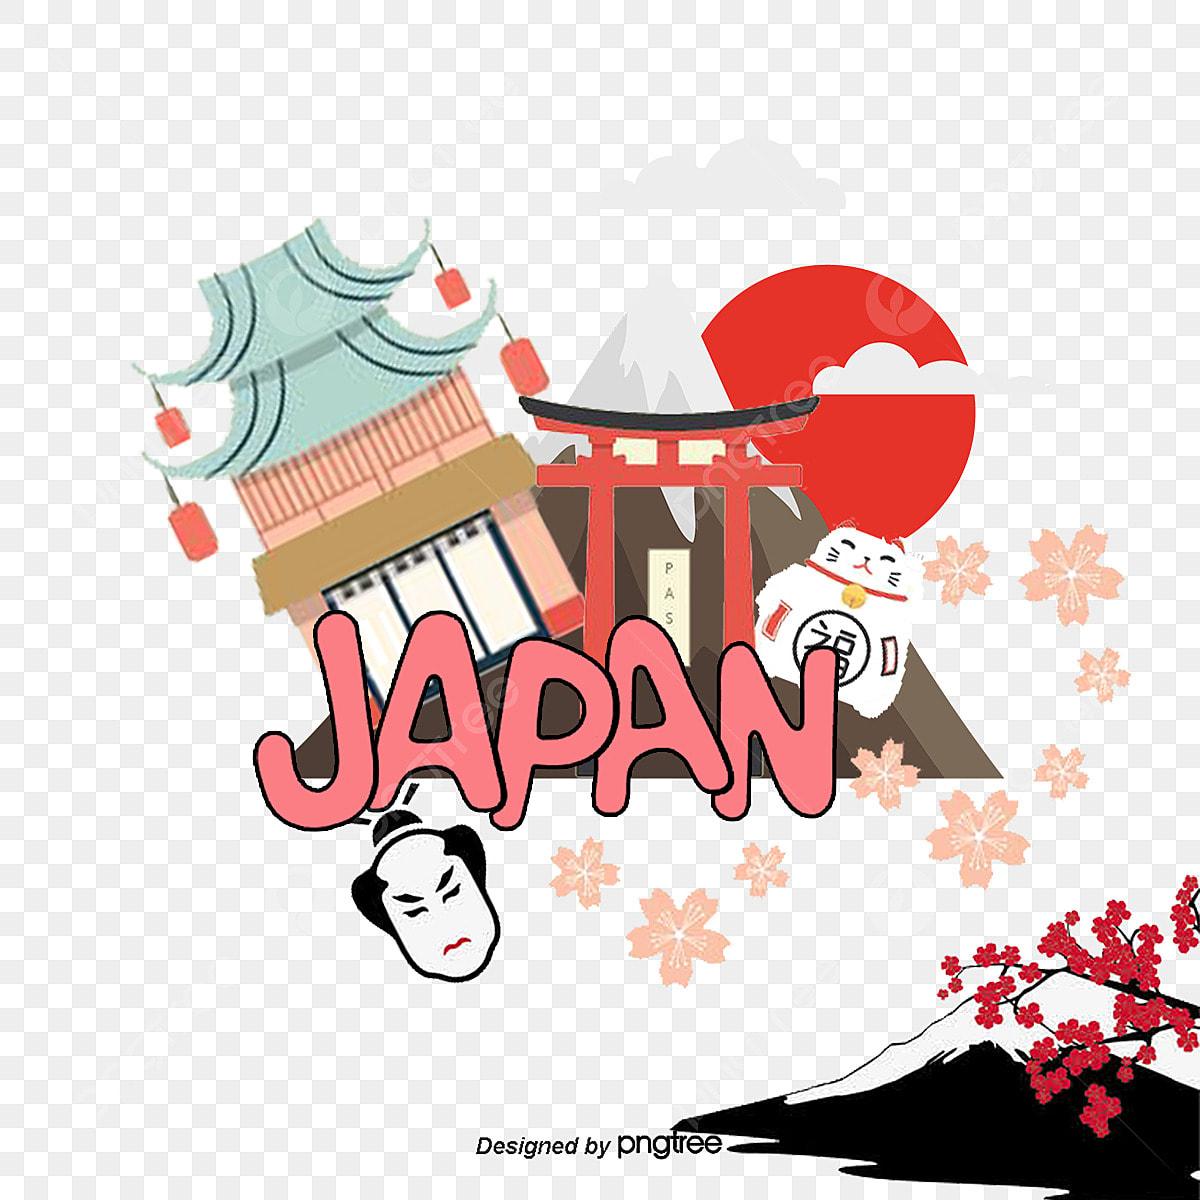 Japanese Elementos Culturales De Fondo Japon Cultura Elemento